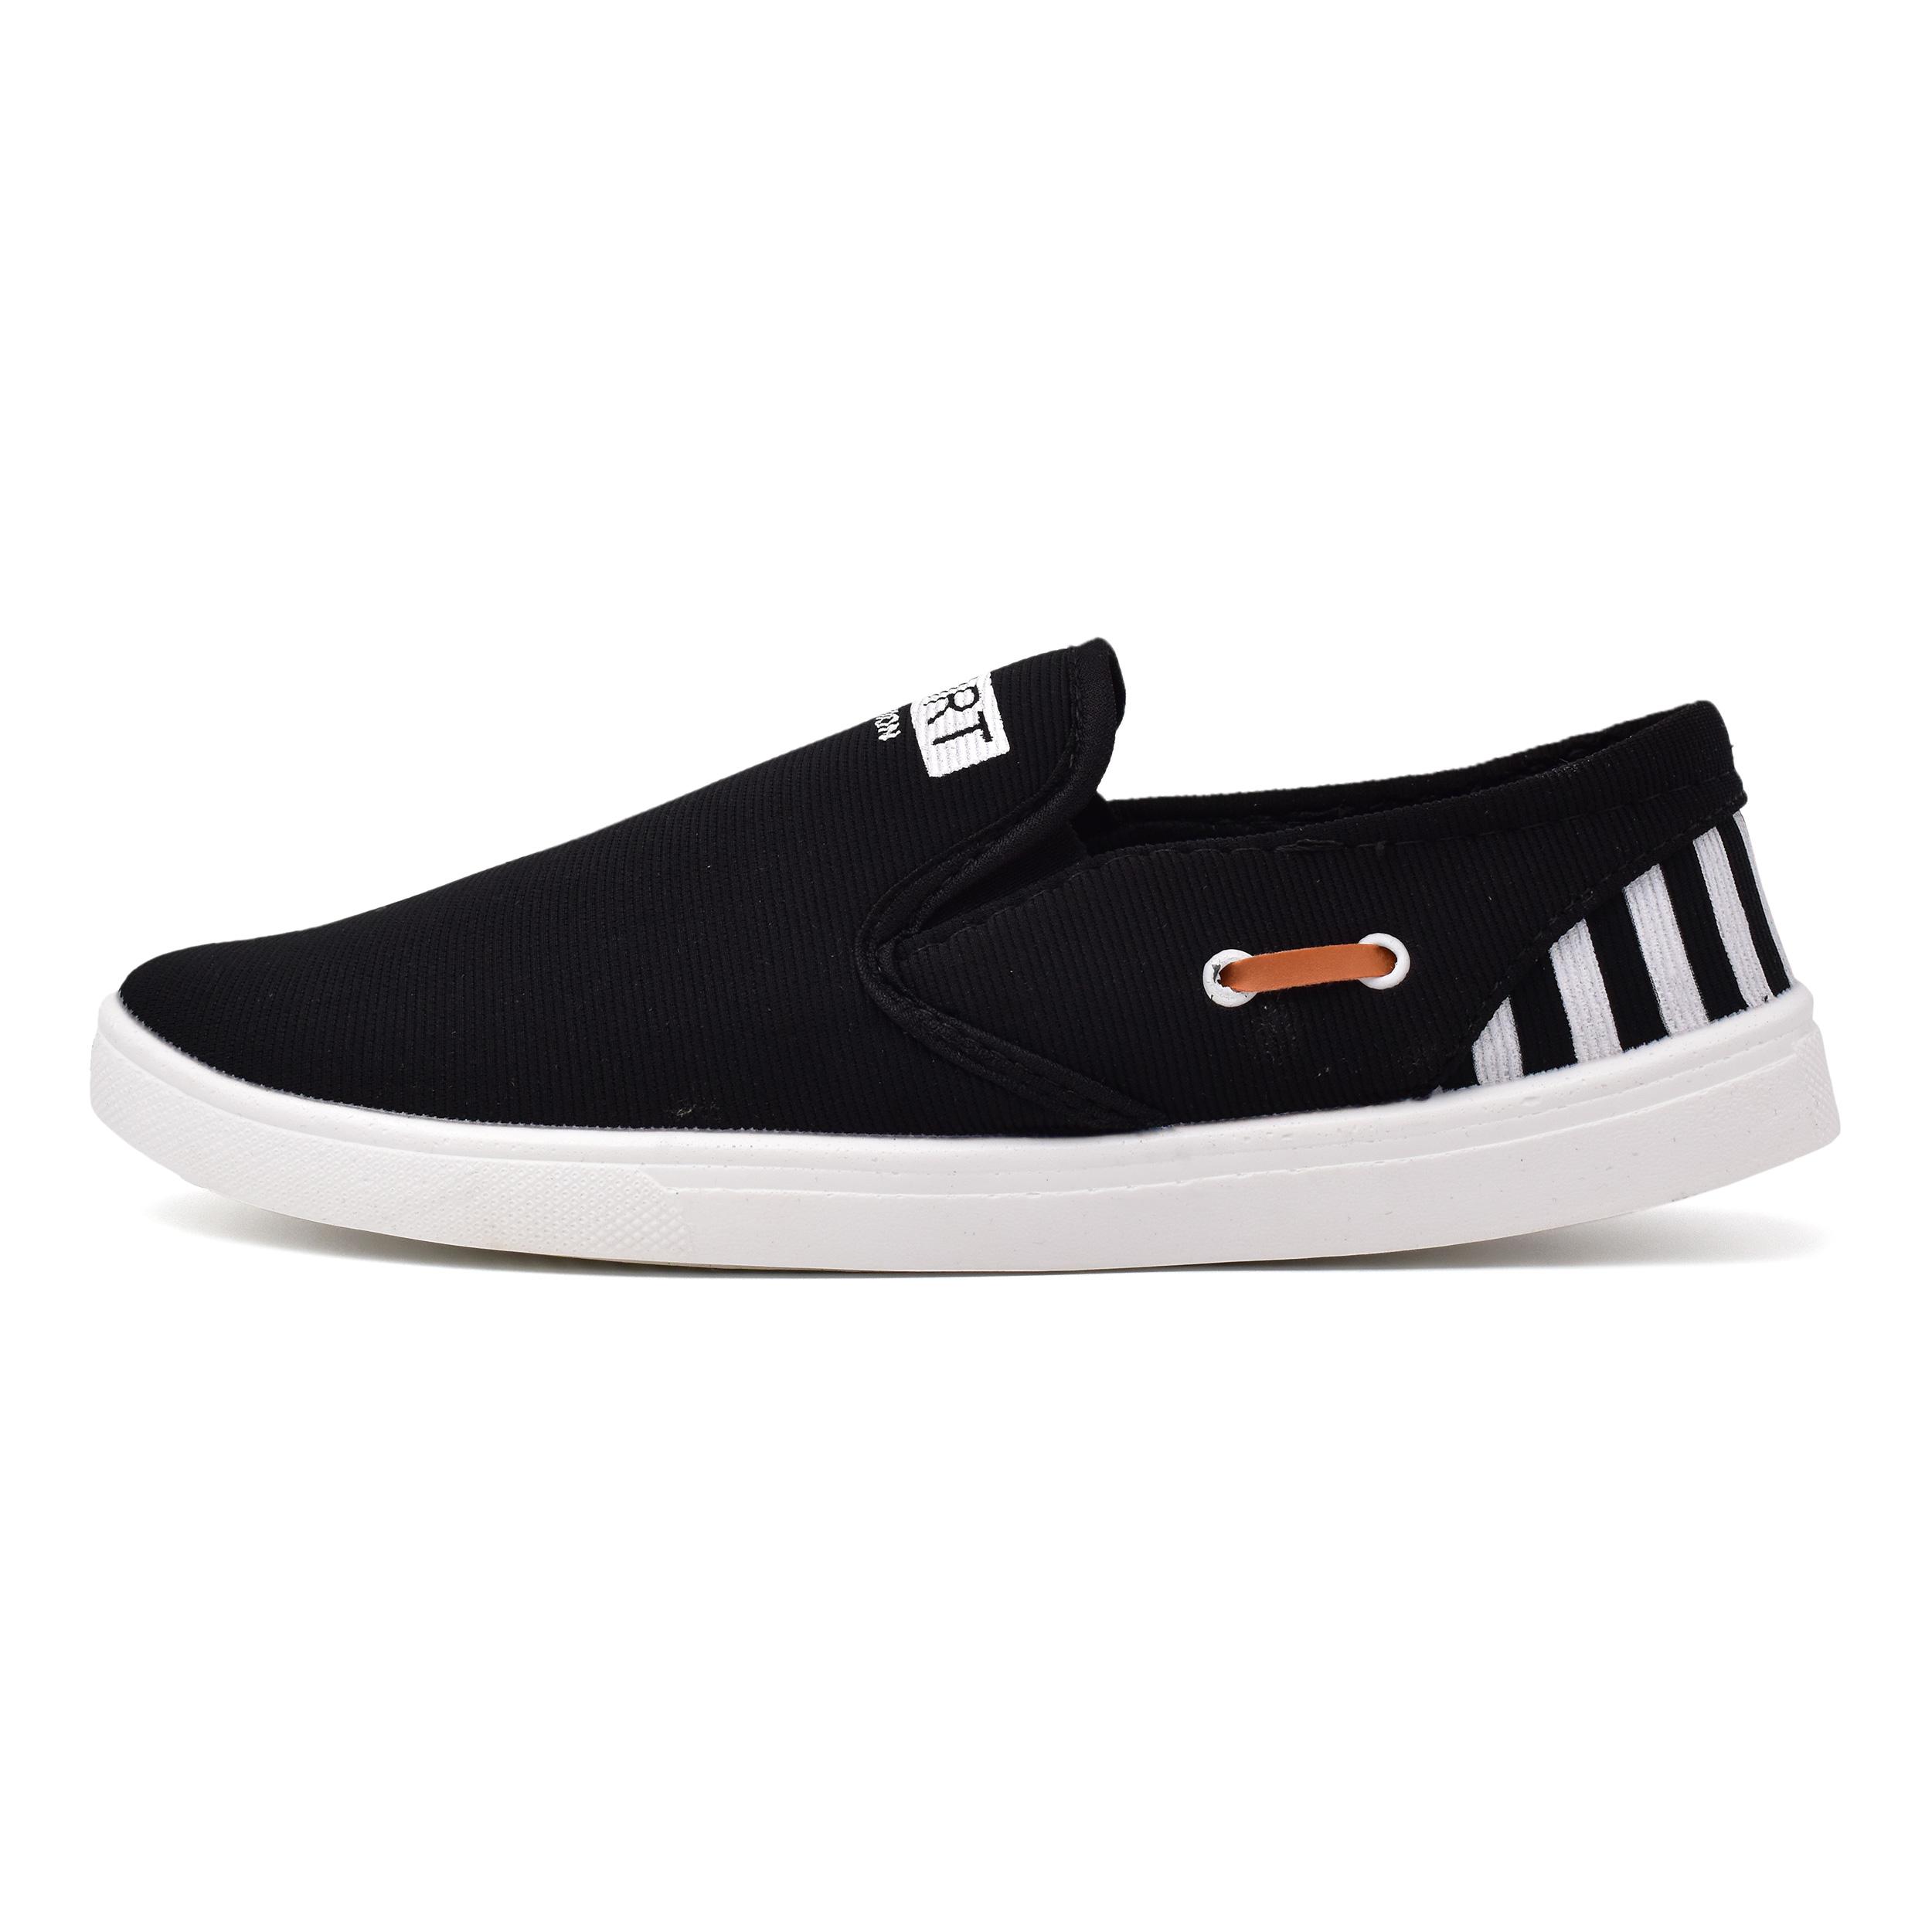 قیمت خرید کفش مخصوص پیاده روی مردانه امیر مدل دیما کد 6836 اورجینال